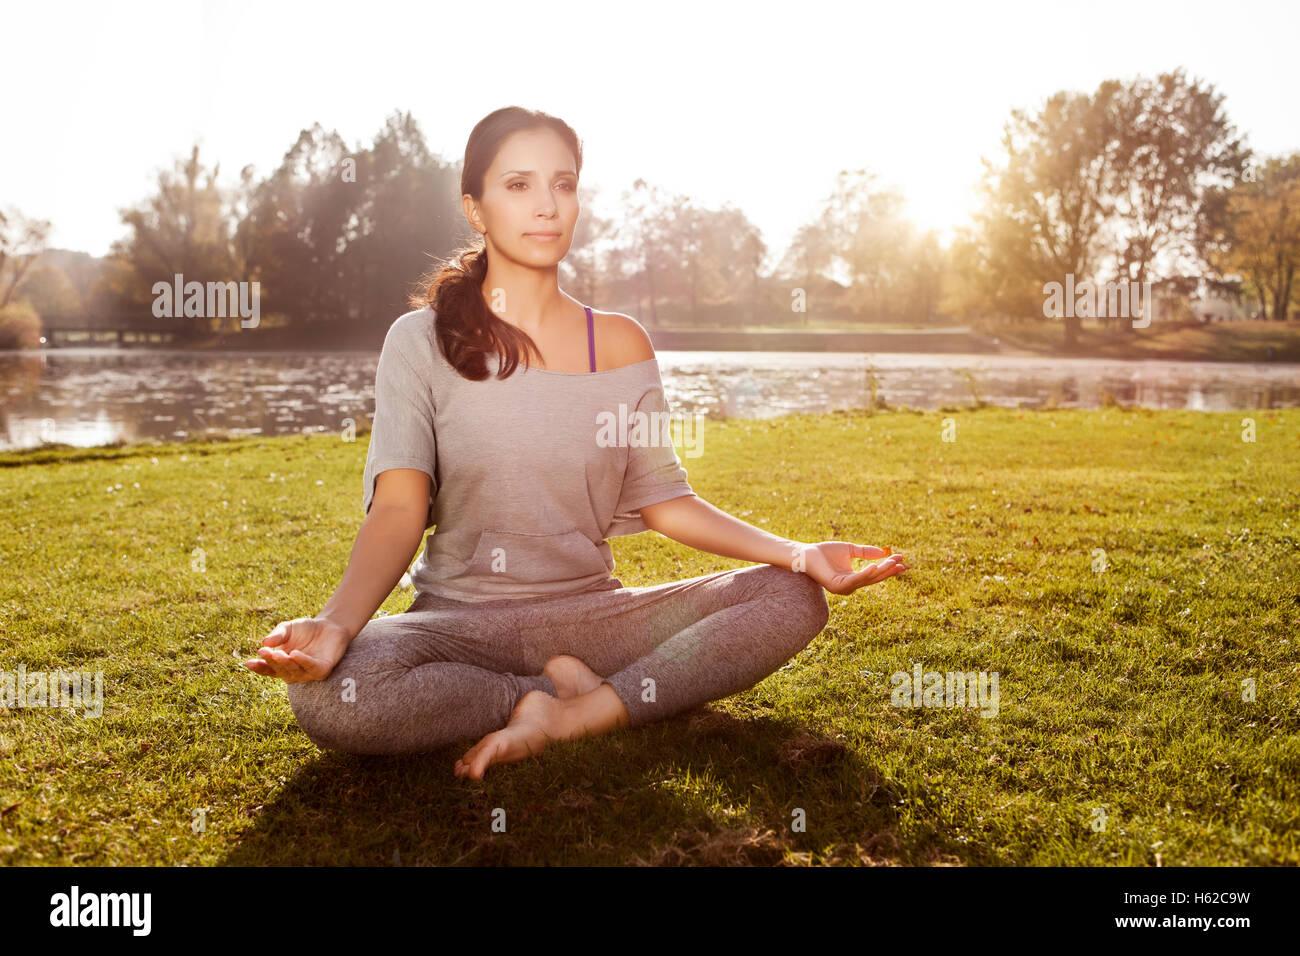 Woman relaxing in Lotus yoga pose - Stock Image